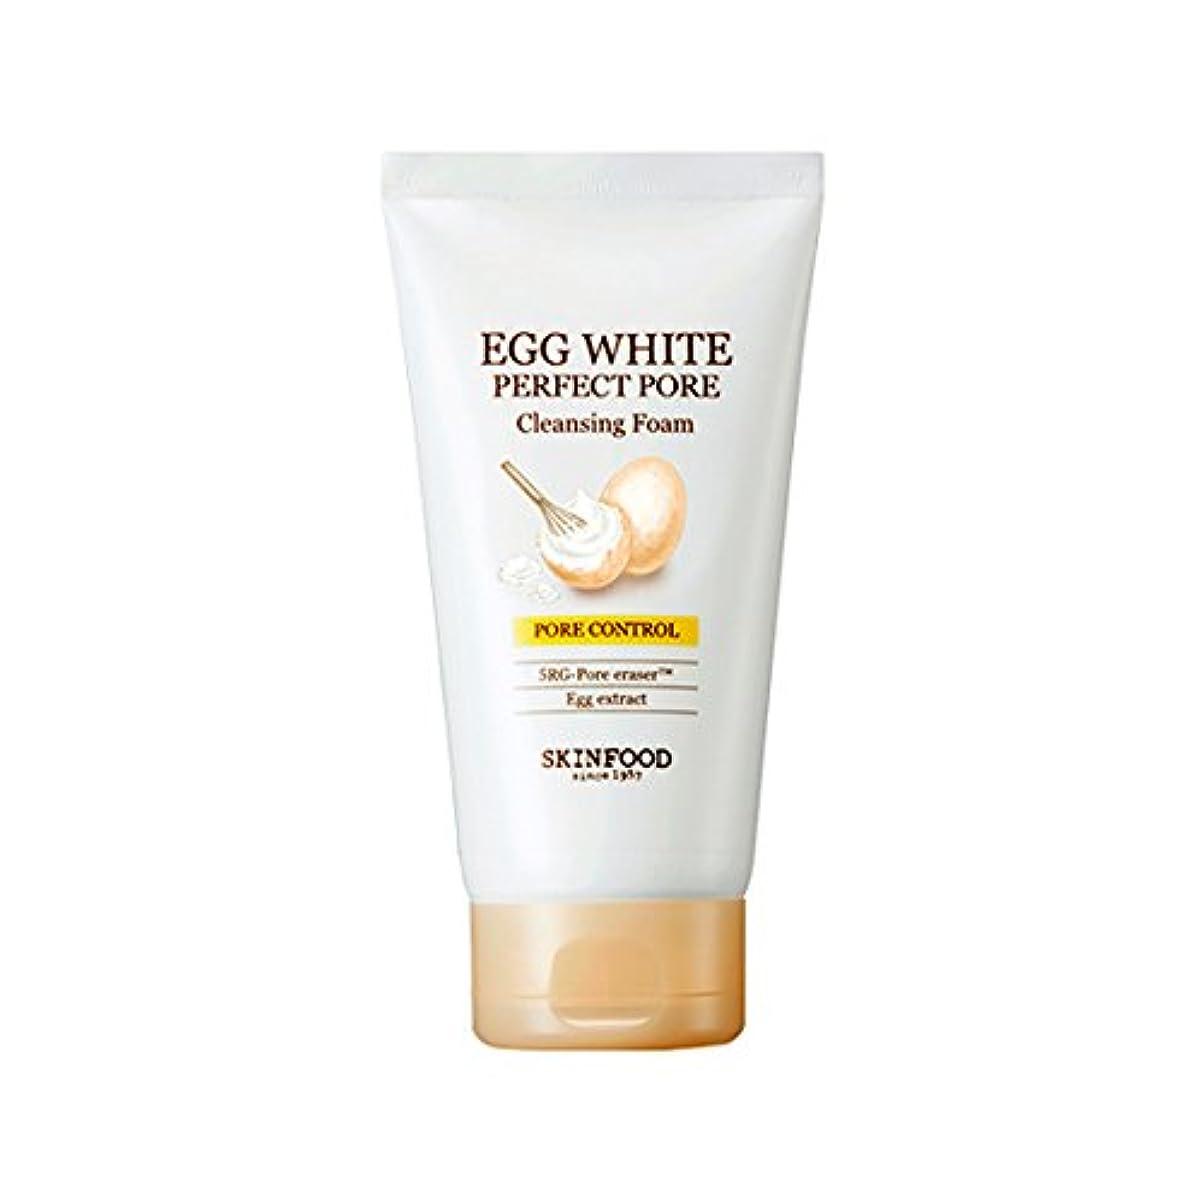 教科書公バイオリニスト[2017 New] SKINFOOD Egg White Perfect Pore Cleansing Foam 150ml/スキンフード エッグ ホワイト パーフェクト ポア クレンジング フォーム 150ml [並行輸入品]